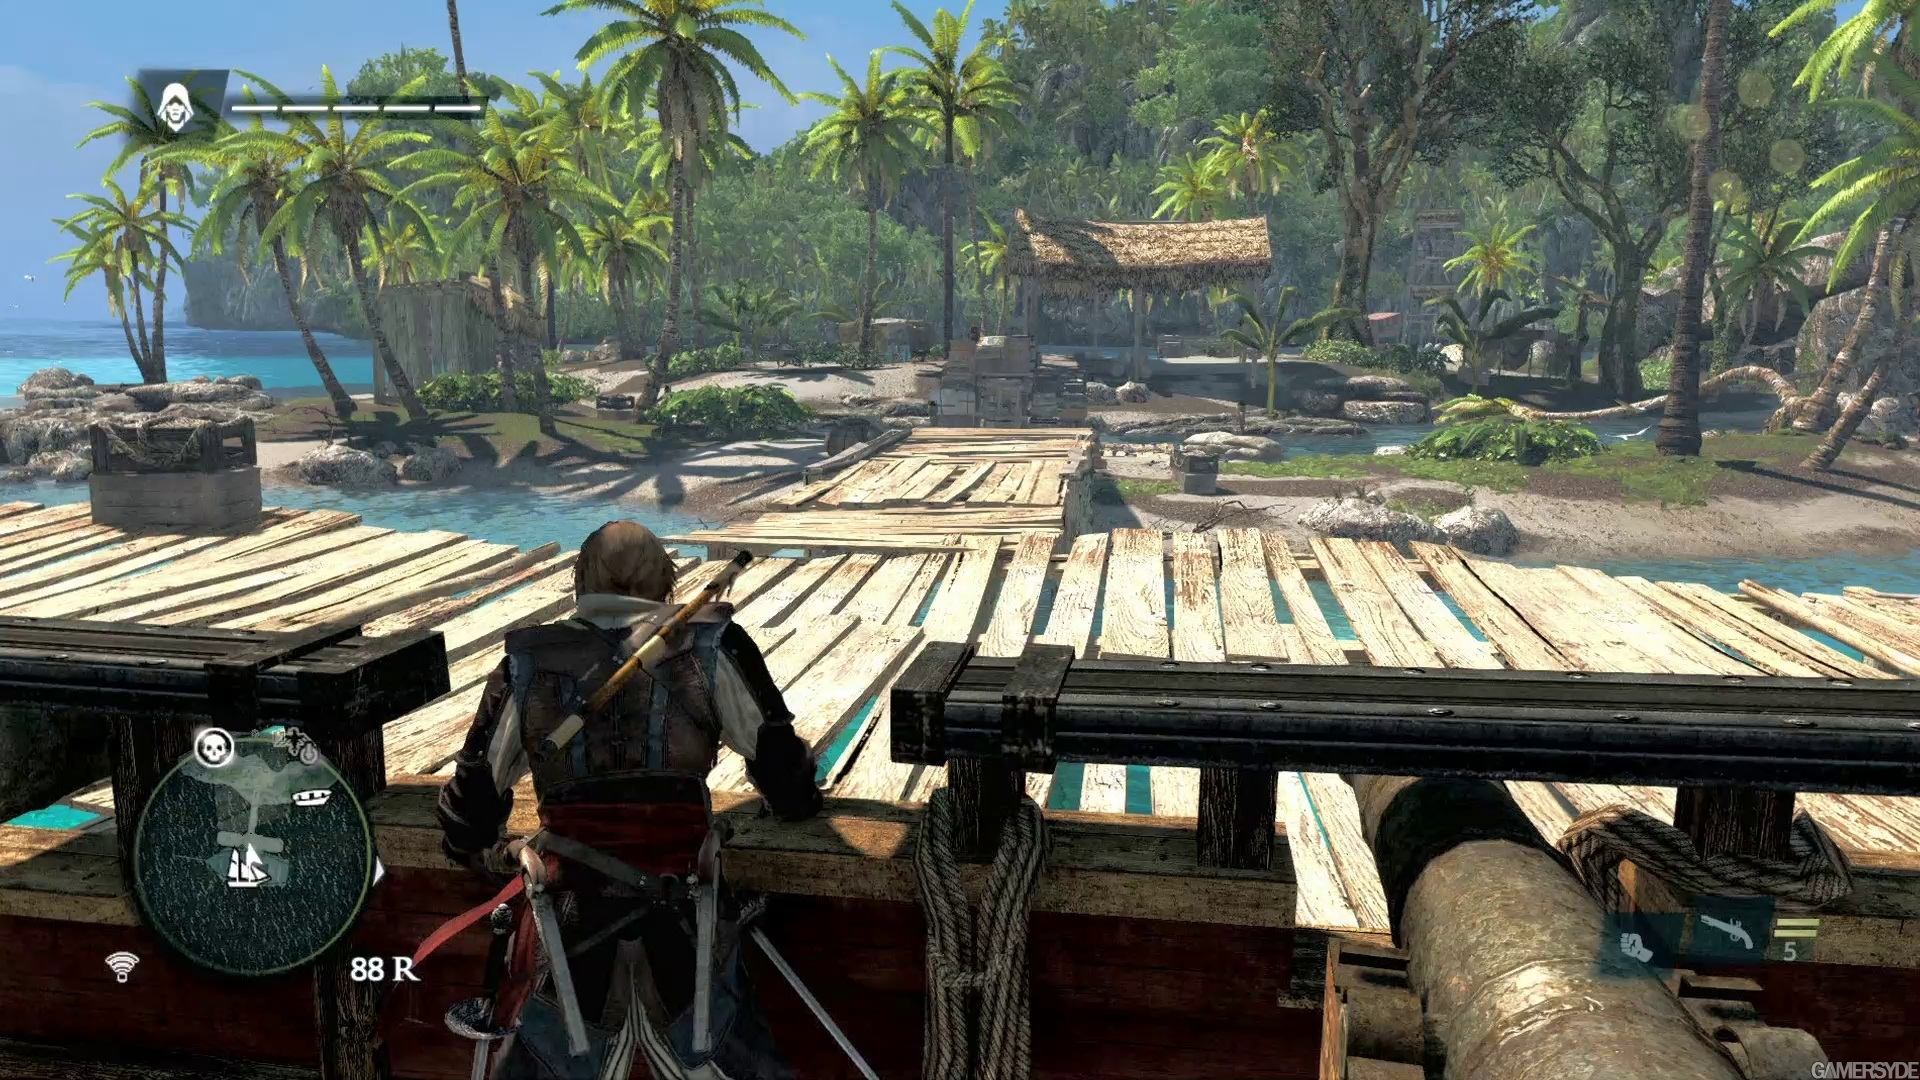 image   23118 1 0002 با تصاویر جدید Assassins Creed IV، شکار کوسه، پیدا کردن گنج ها در زیر آب و بیشتر را ببینید